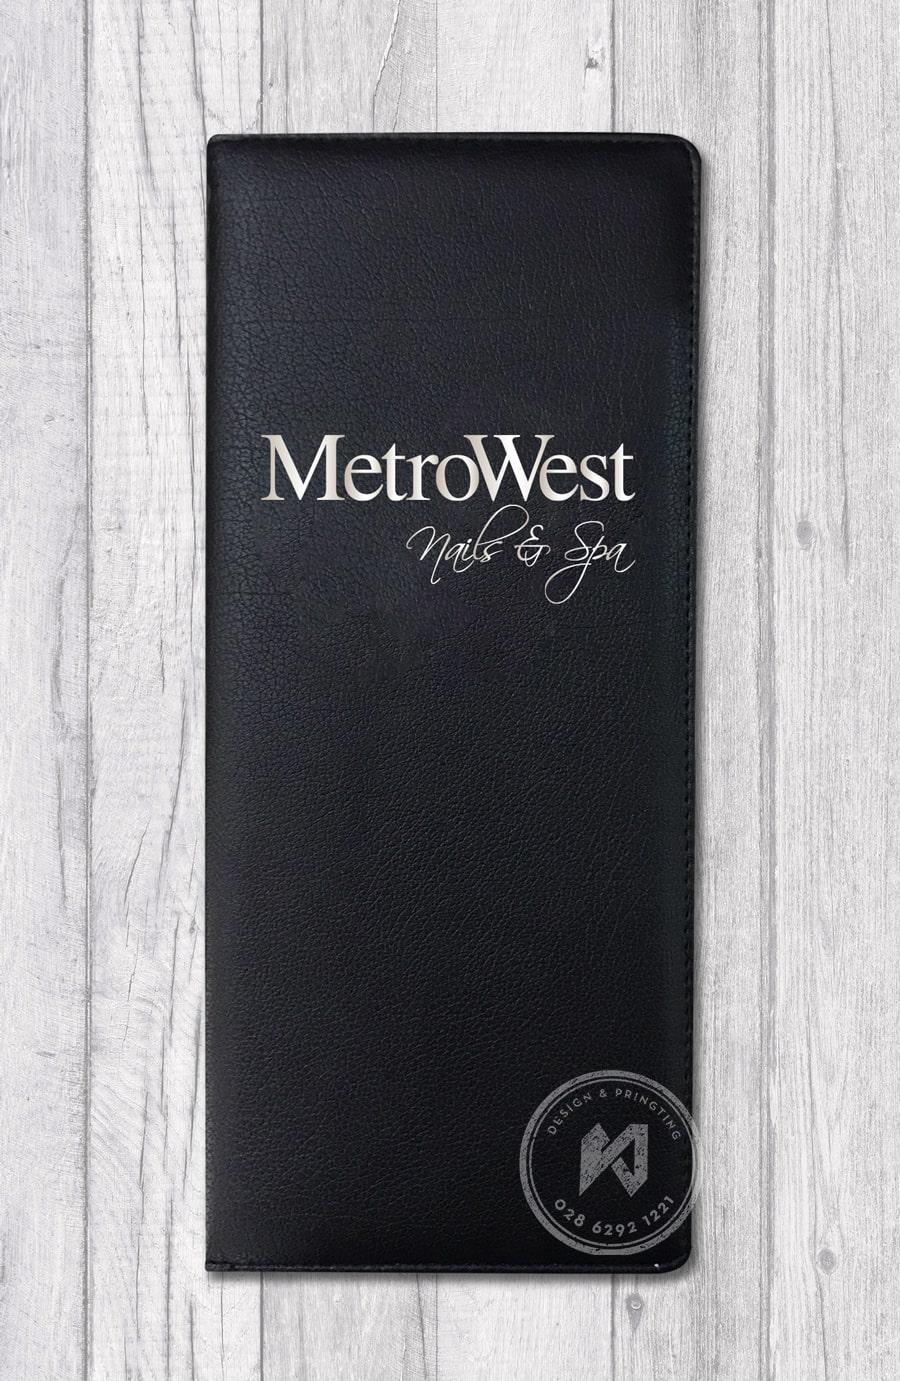 Mẫu menu MetroWest Nails & Spa